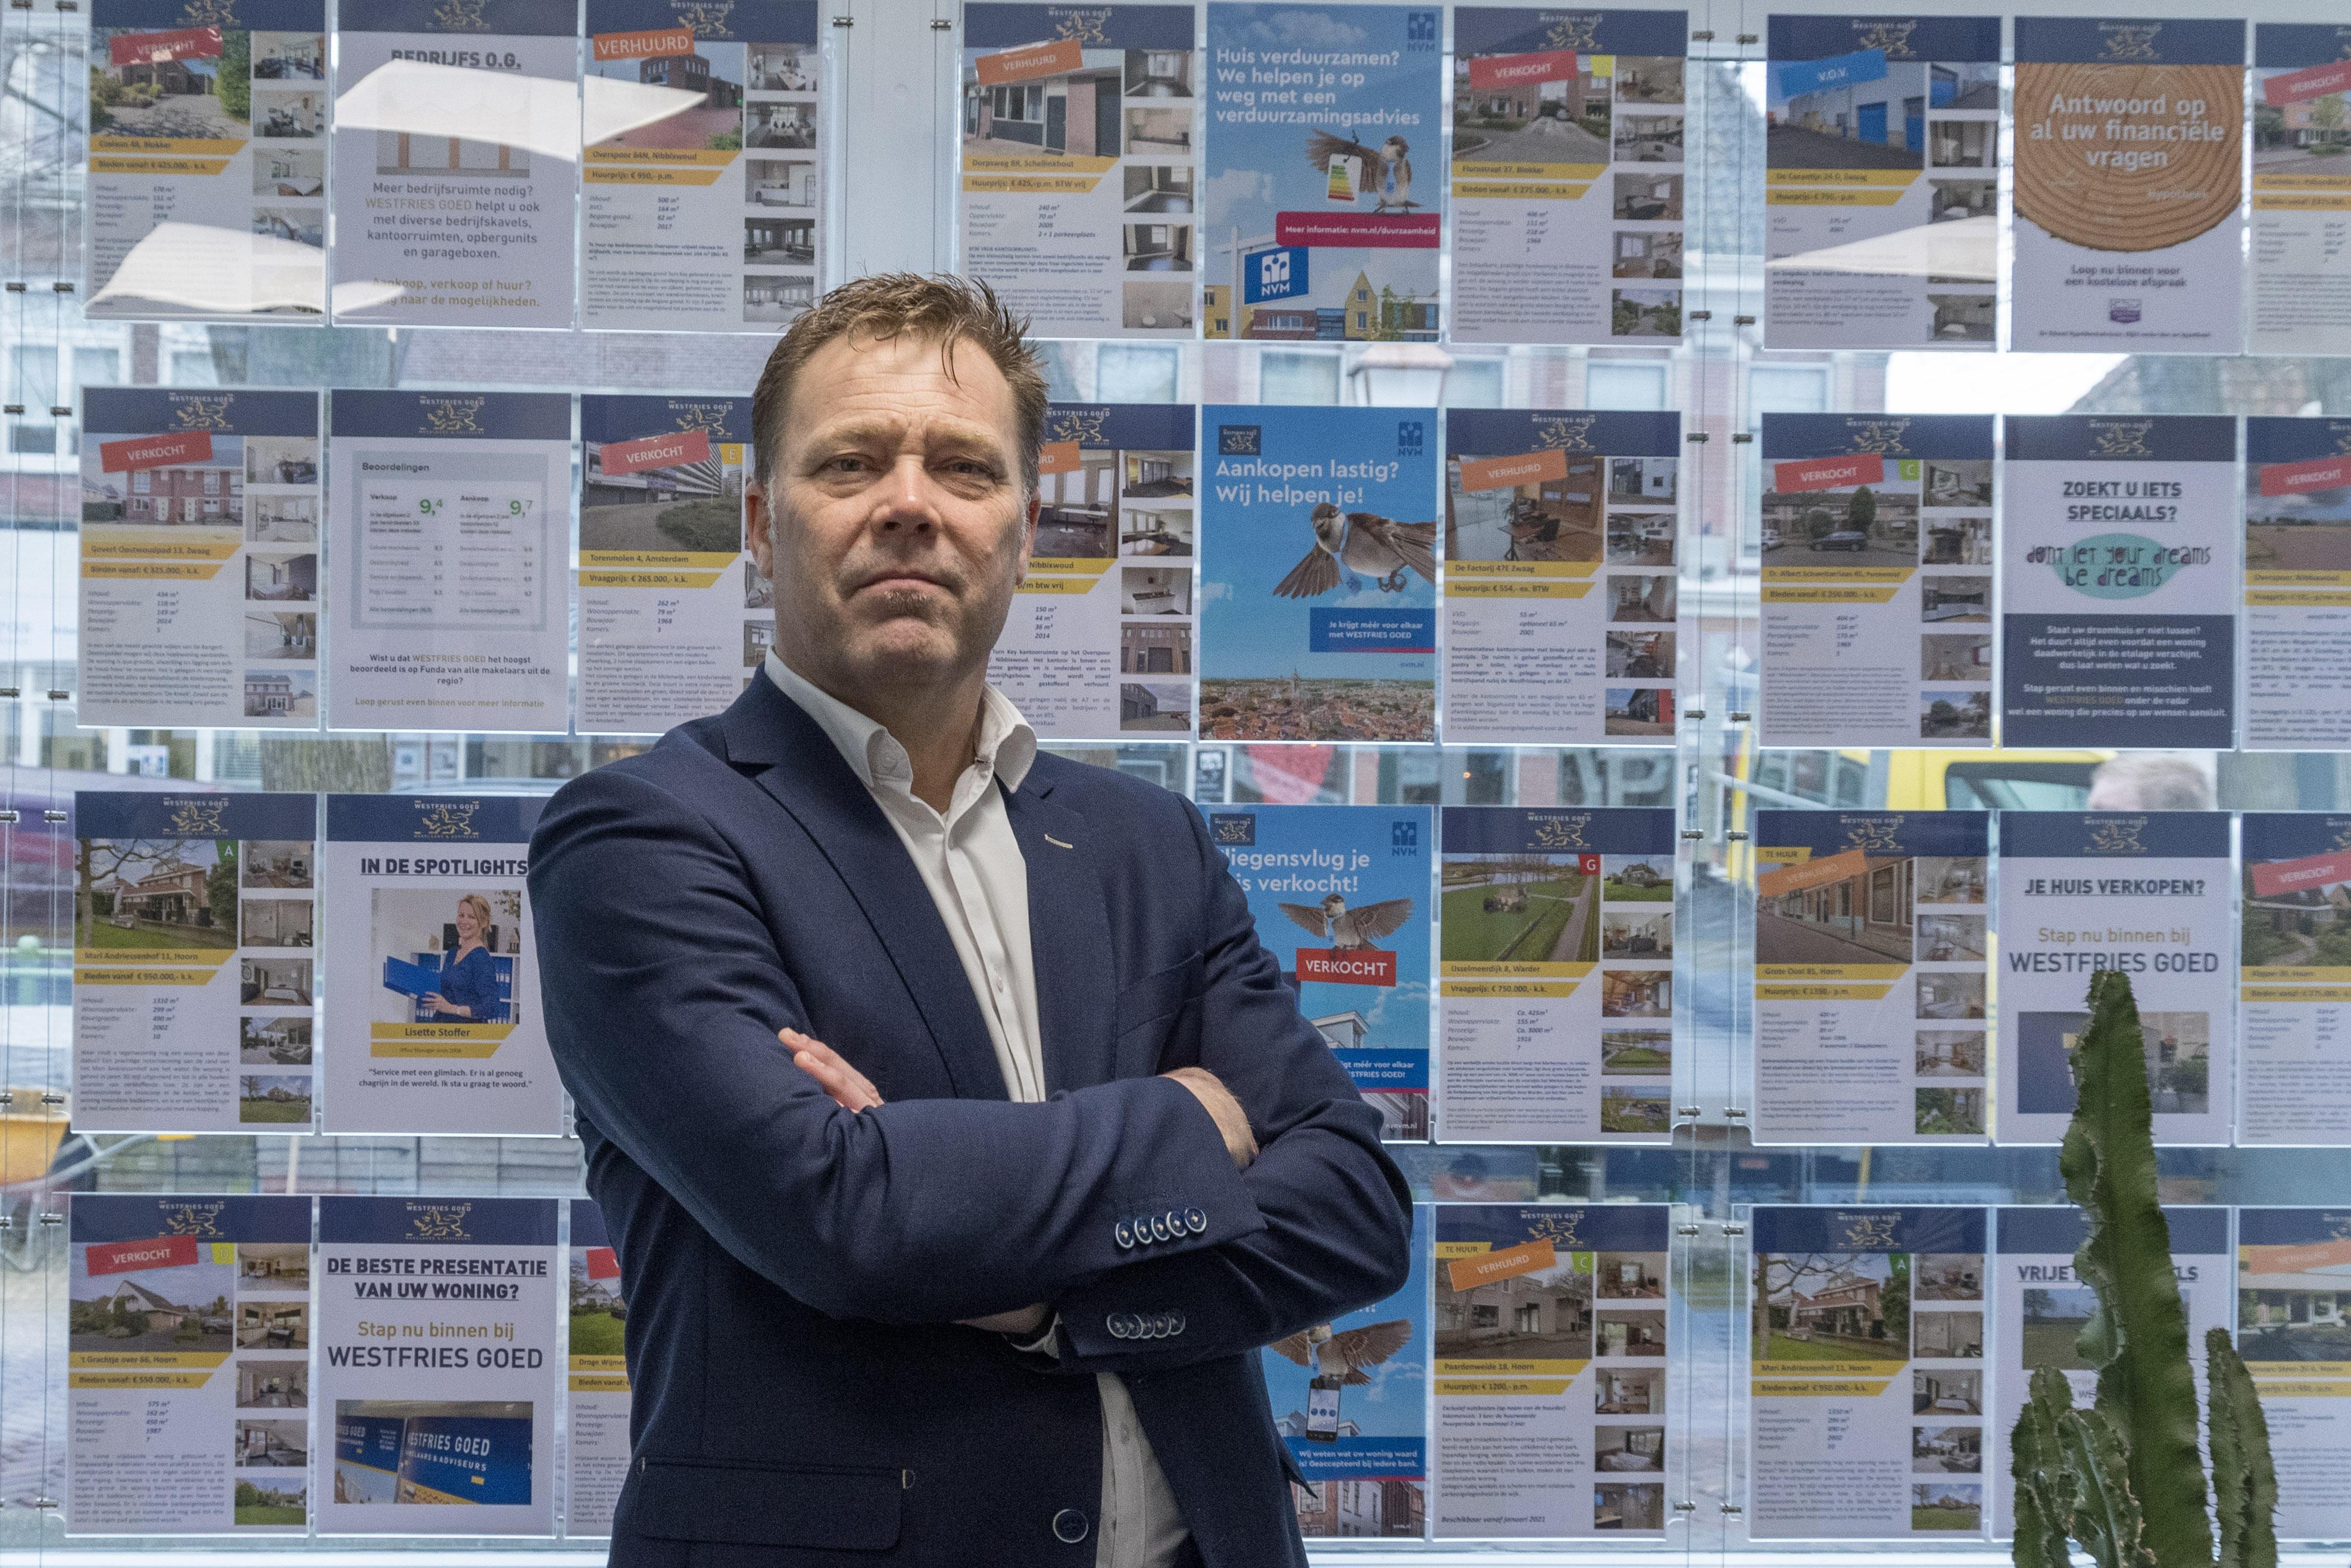 Makelaar wil cirkel doorbreken dat kopers en verkoper op elkaar zitten te wachten: 'Tijd voor rigoureuze maatregelen'